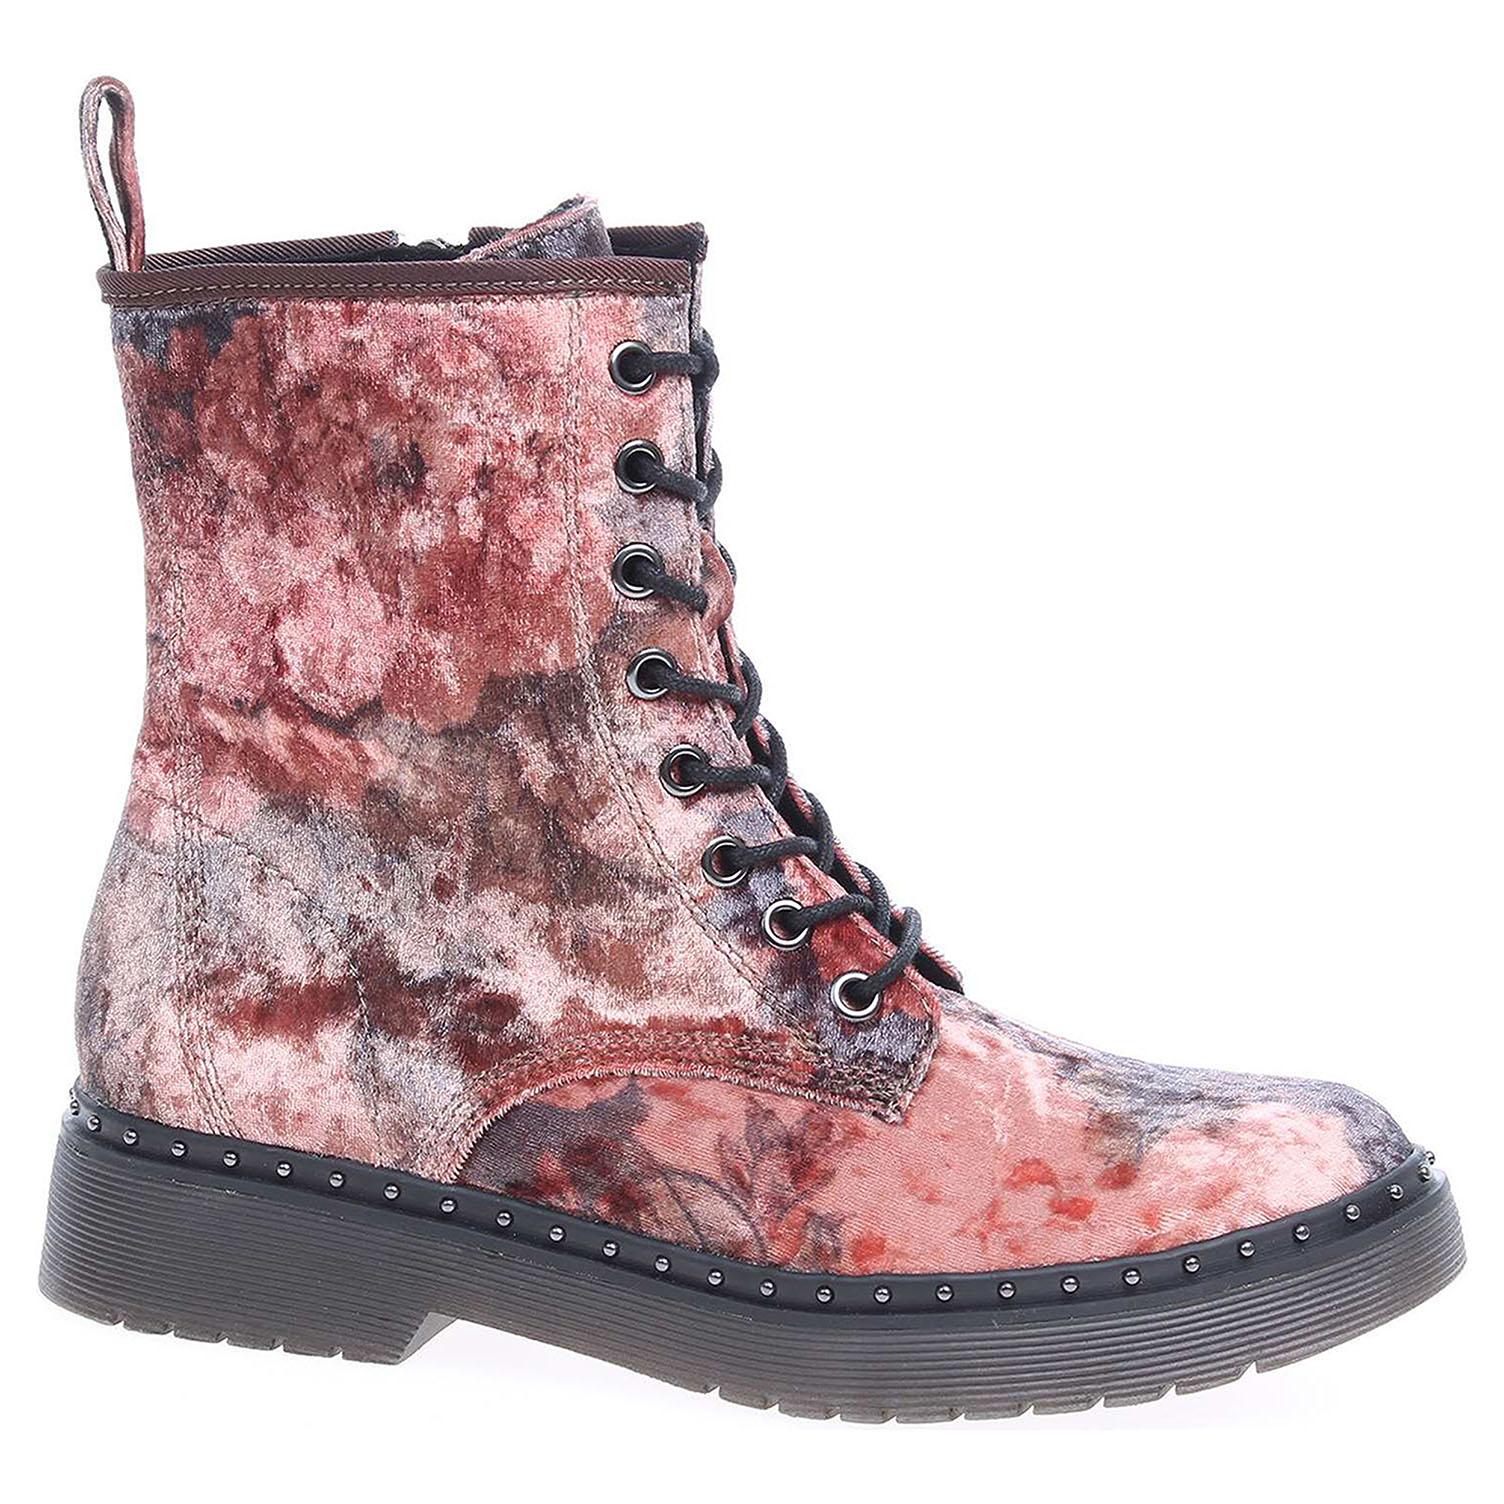 Dámská kotníková obuv Tamaris 1-25718-39 multi 1-1-25718-39 993 39